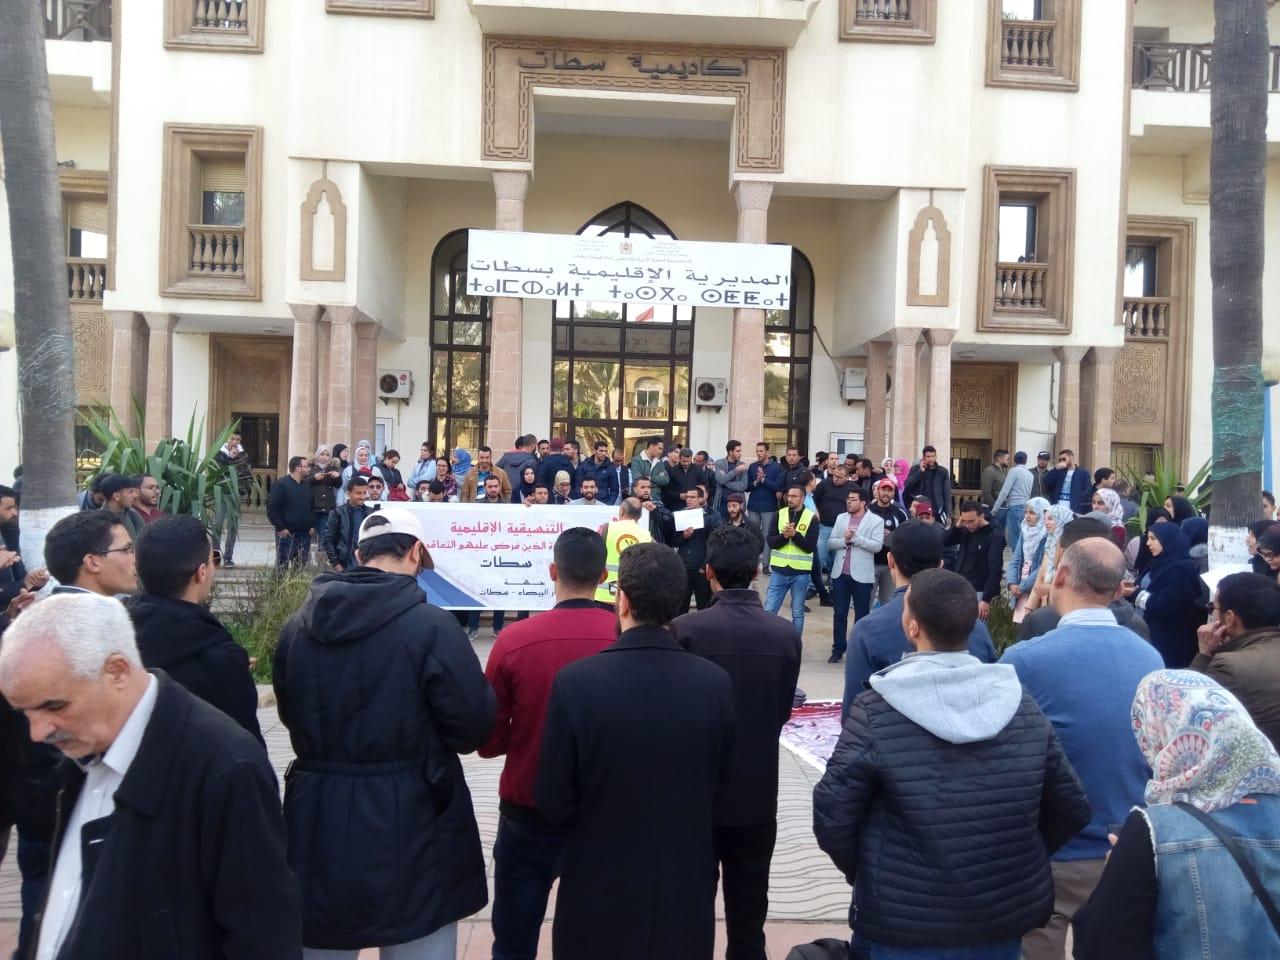 بالفيديو…احتجاج واعتصام  الأساتذة المتعاقدين بعد منعهم من الالتحاق بالاقسام